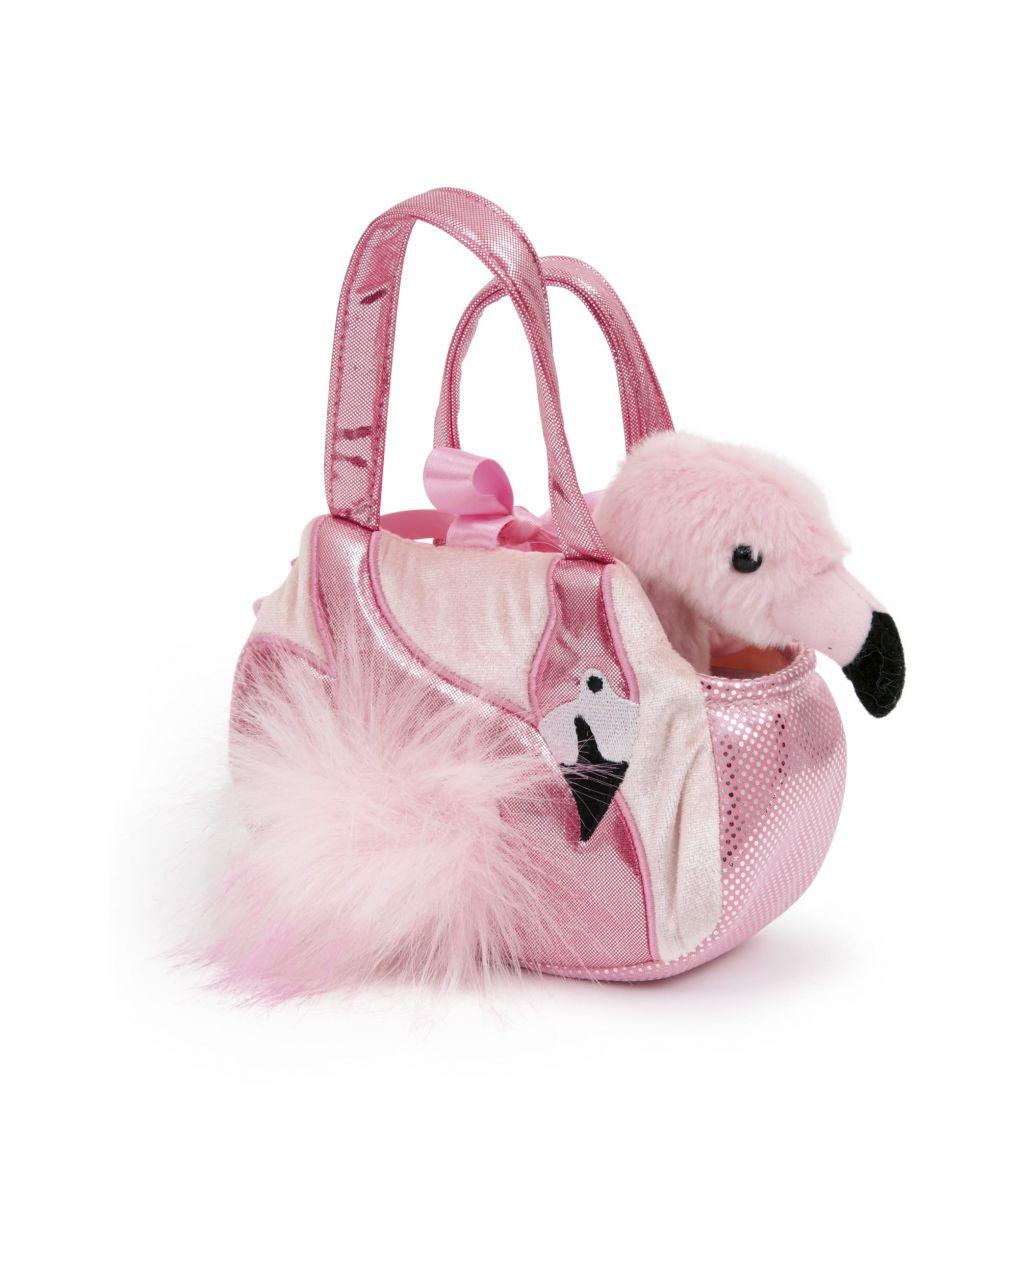 Pelúcia ami - brinquedo macio em bolsa 20cm - Ami Plush